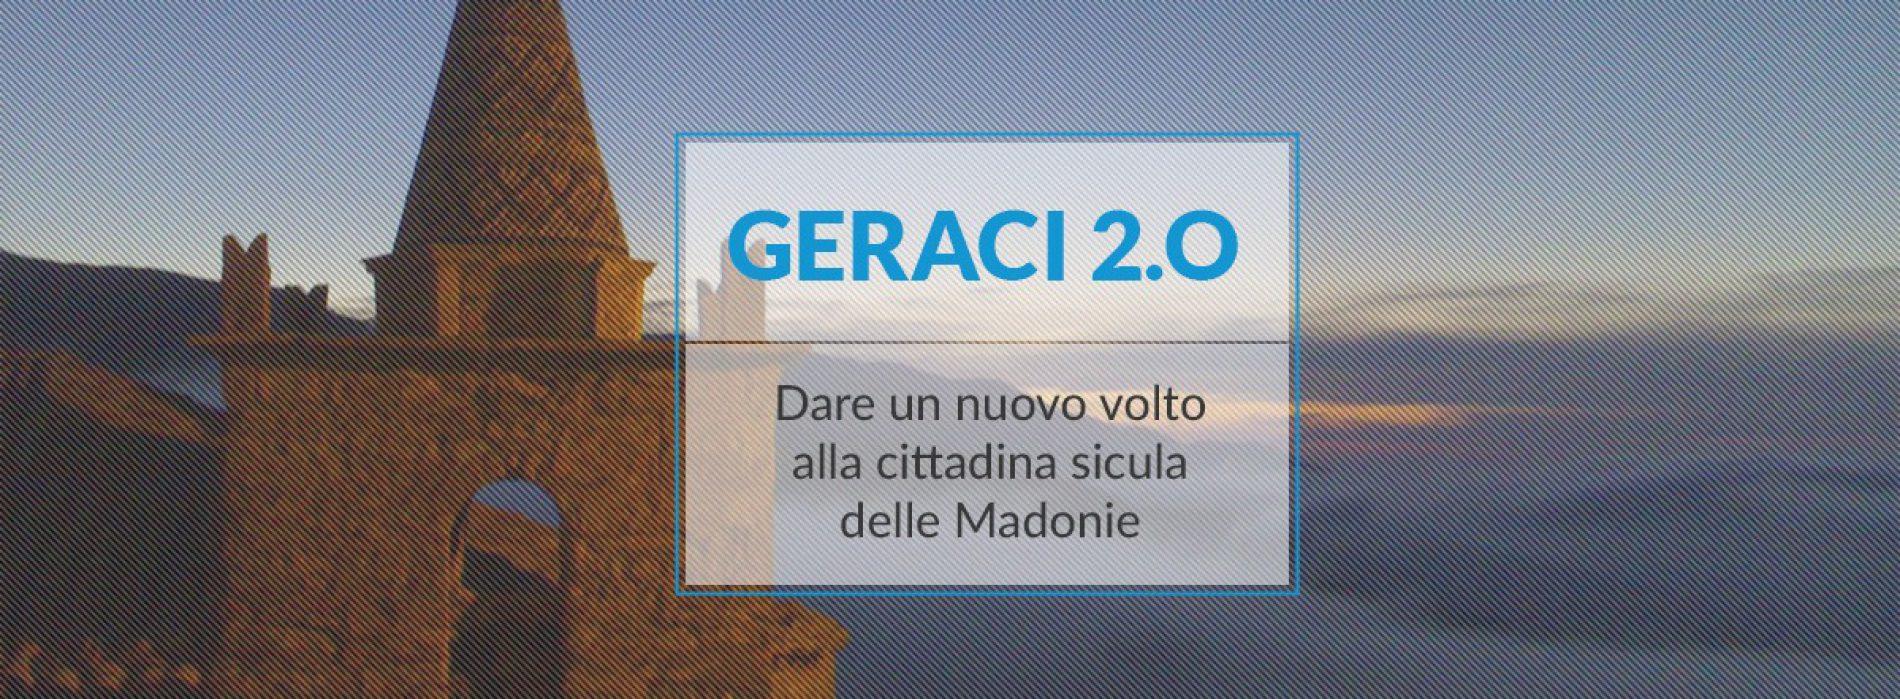 Geraci 2.0: una città in transizione